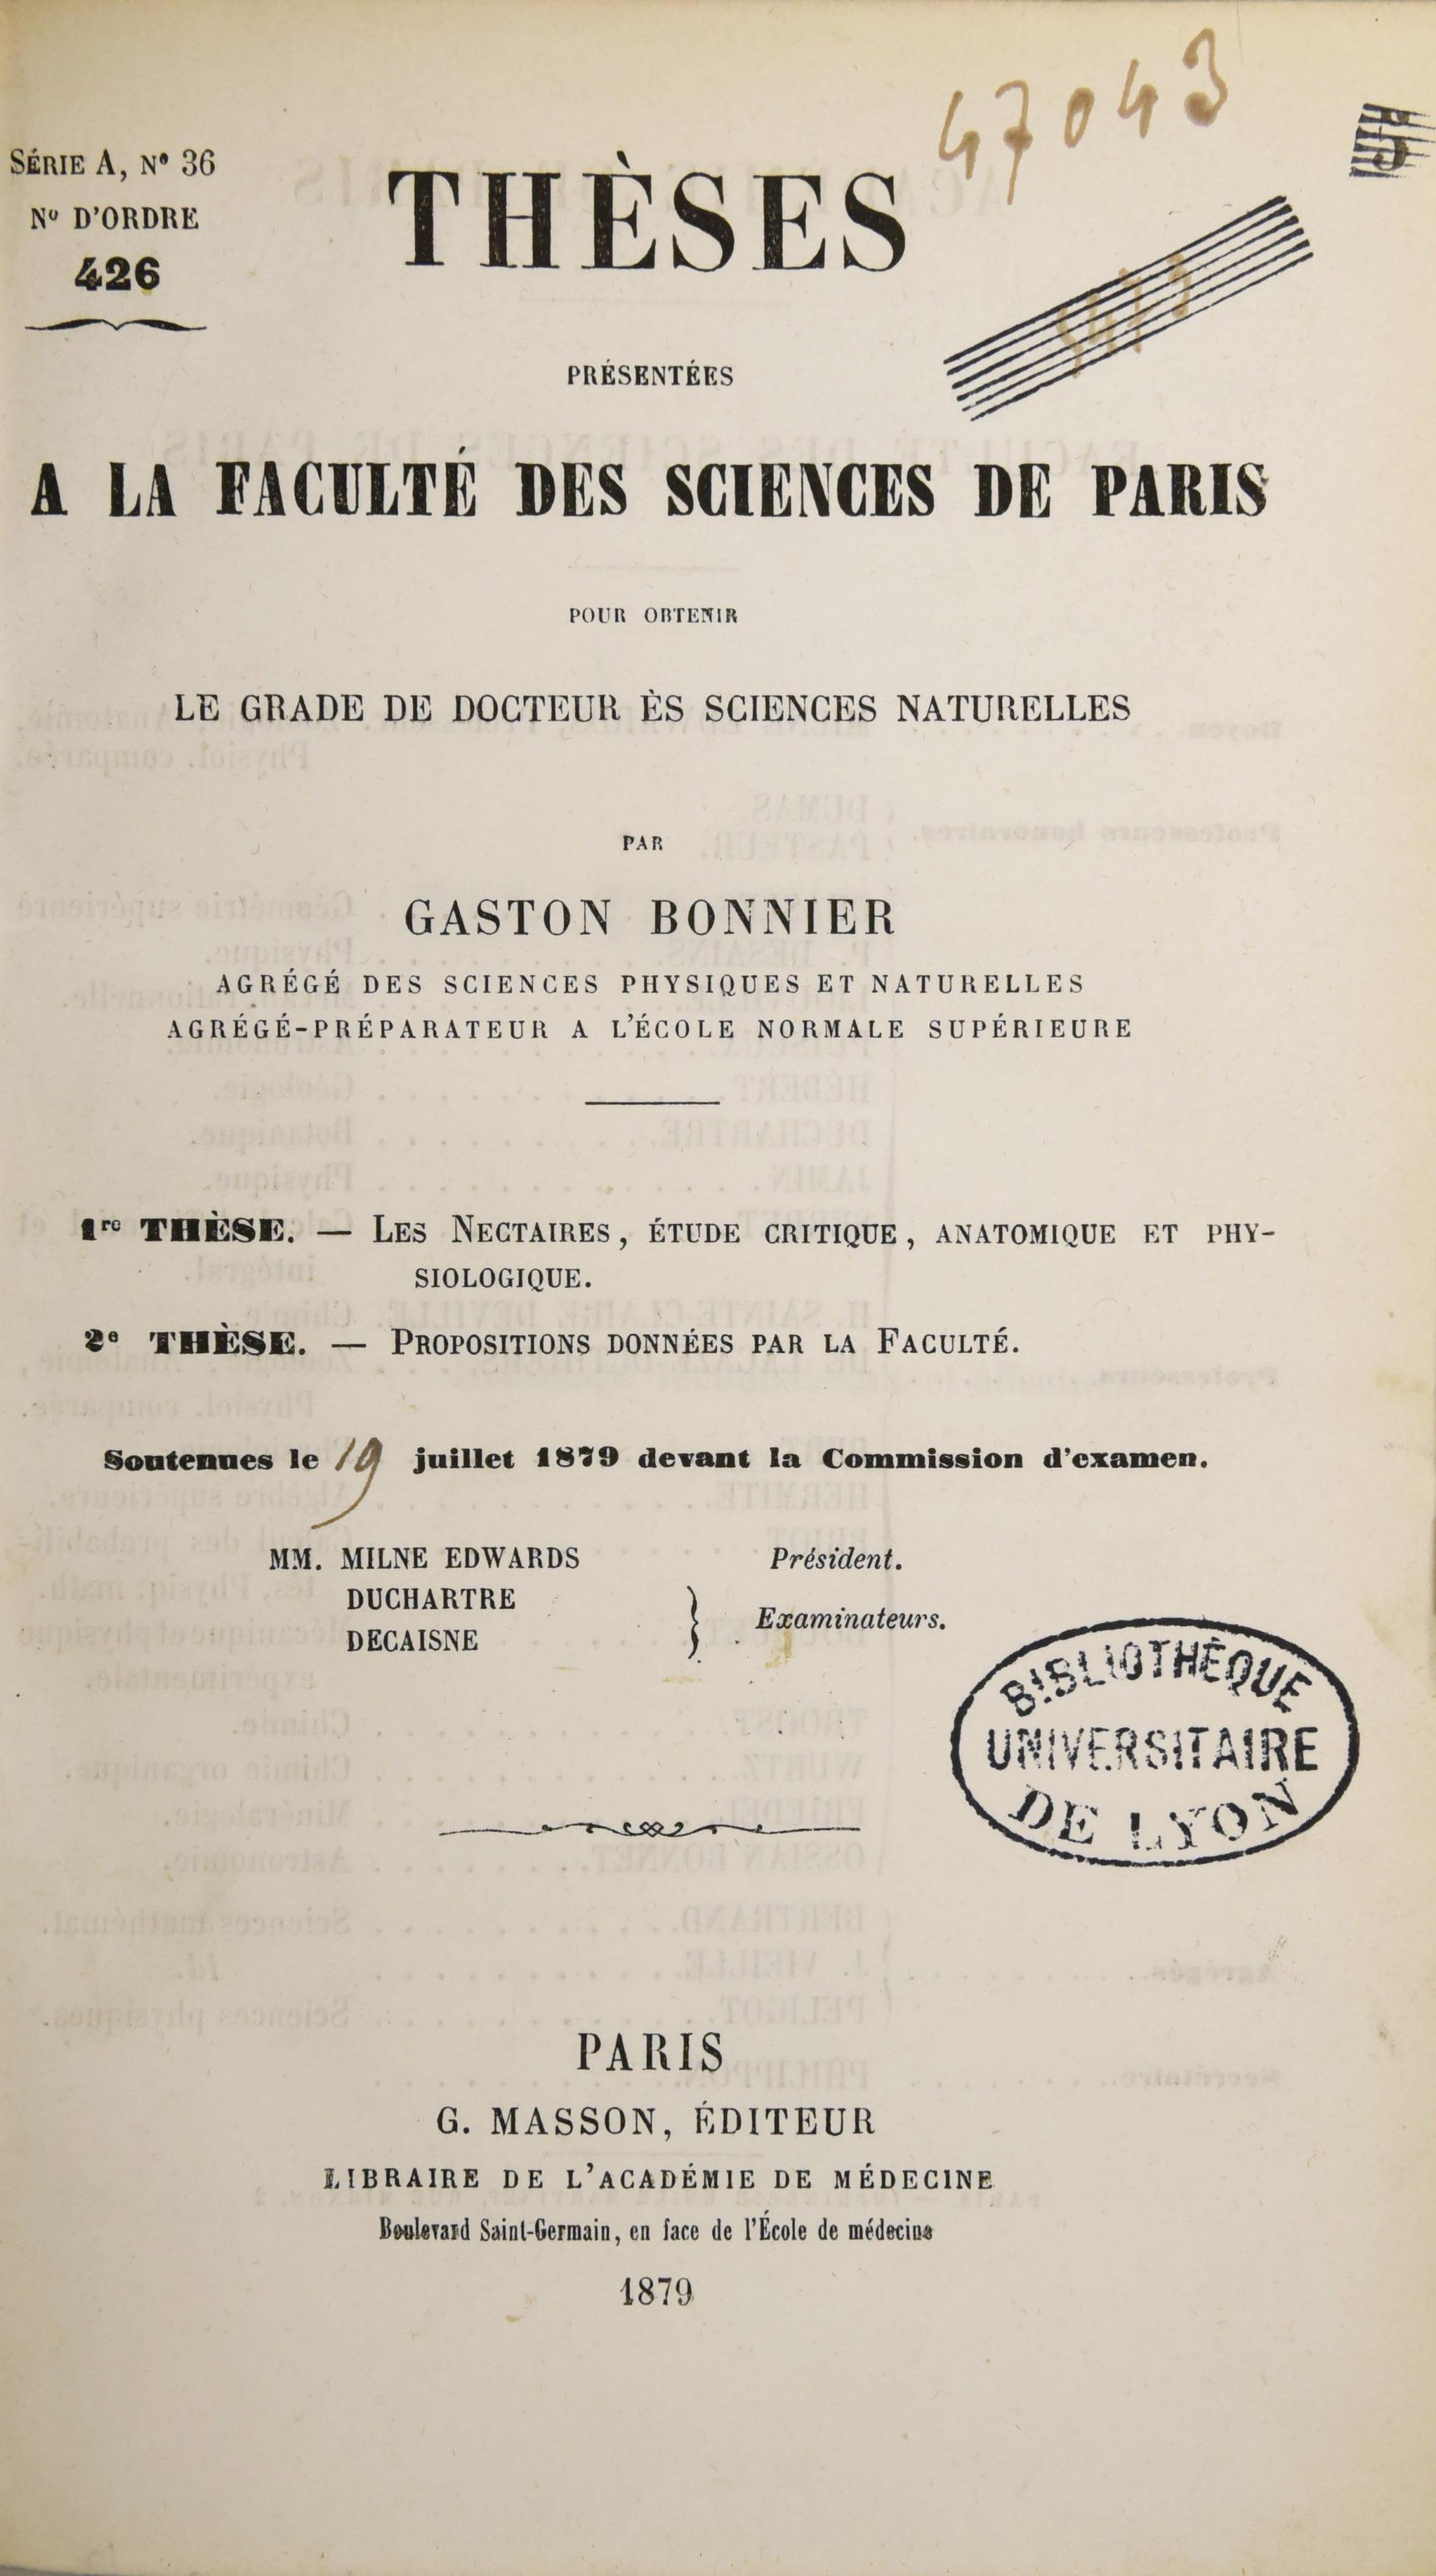 Bonnier - Les nectaires 1